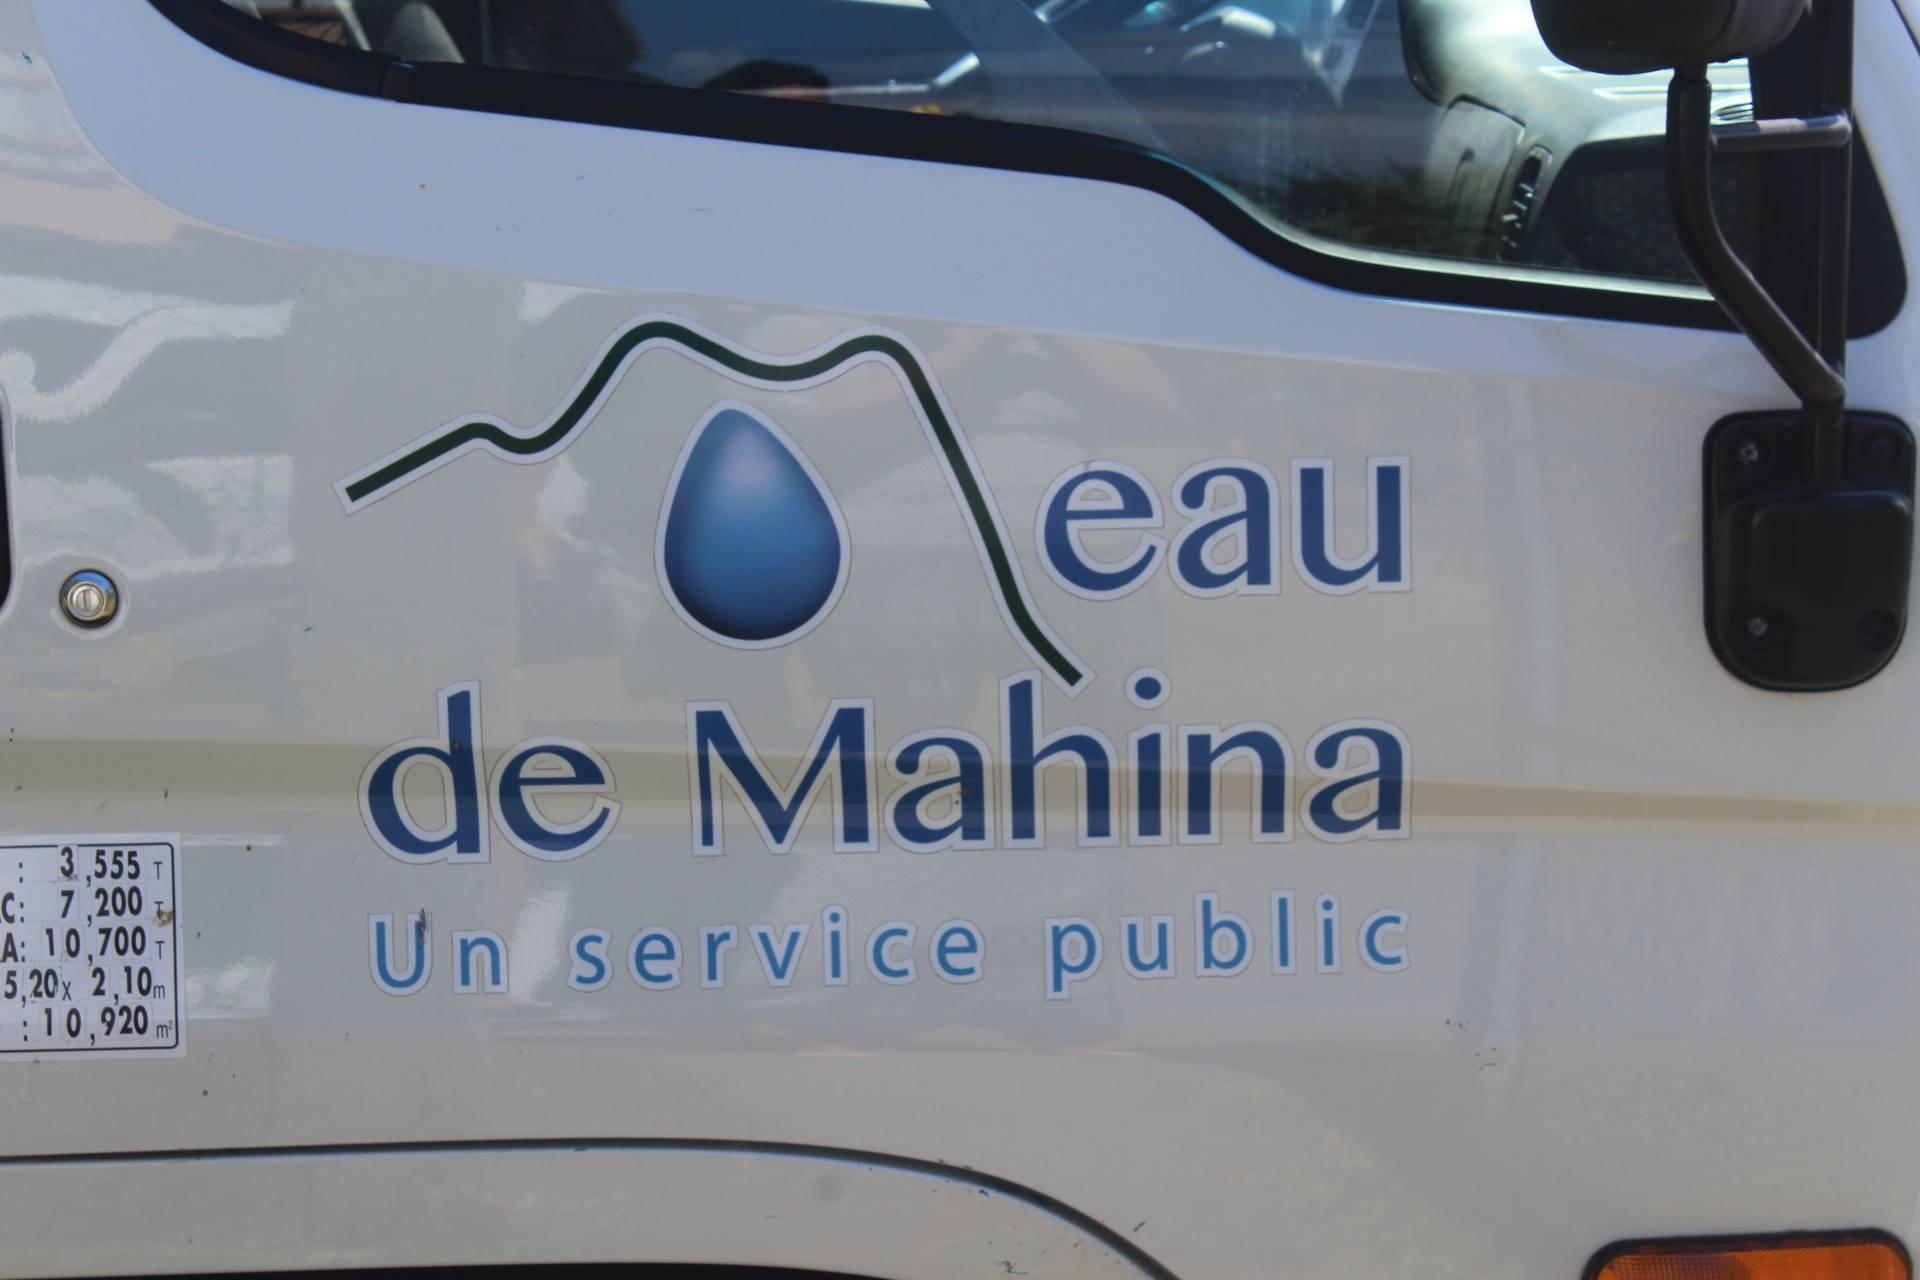 Coupure d'eau à Mahinarama de 9h à 13h